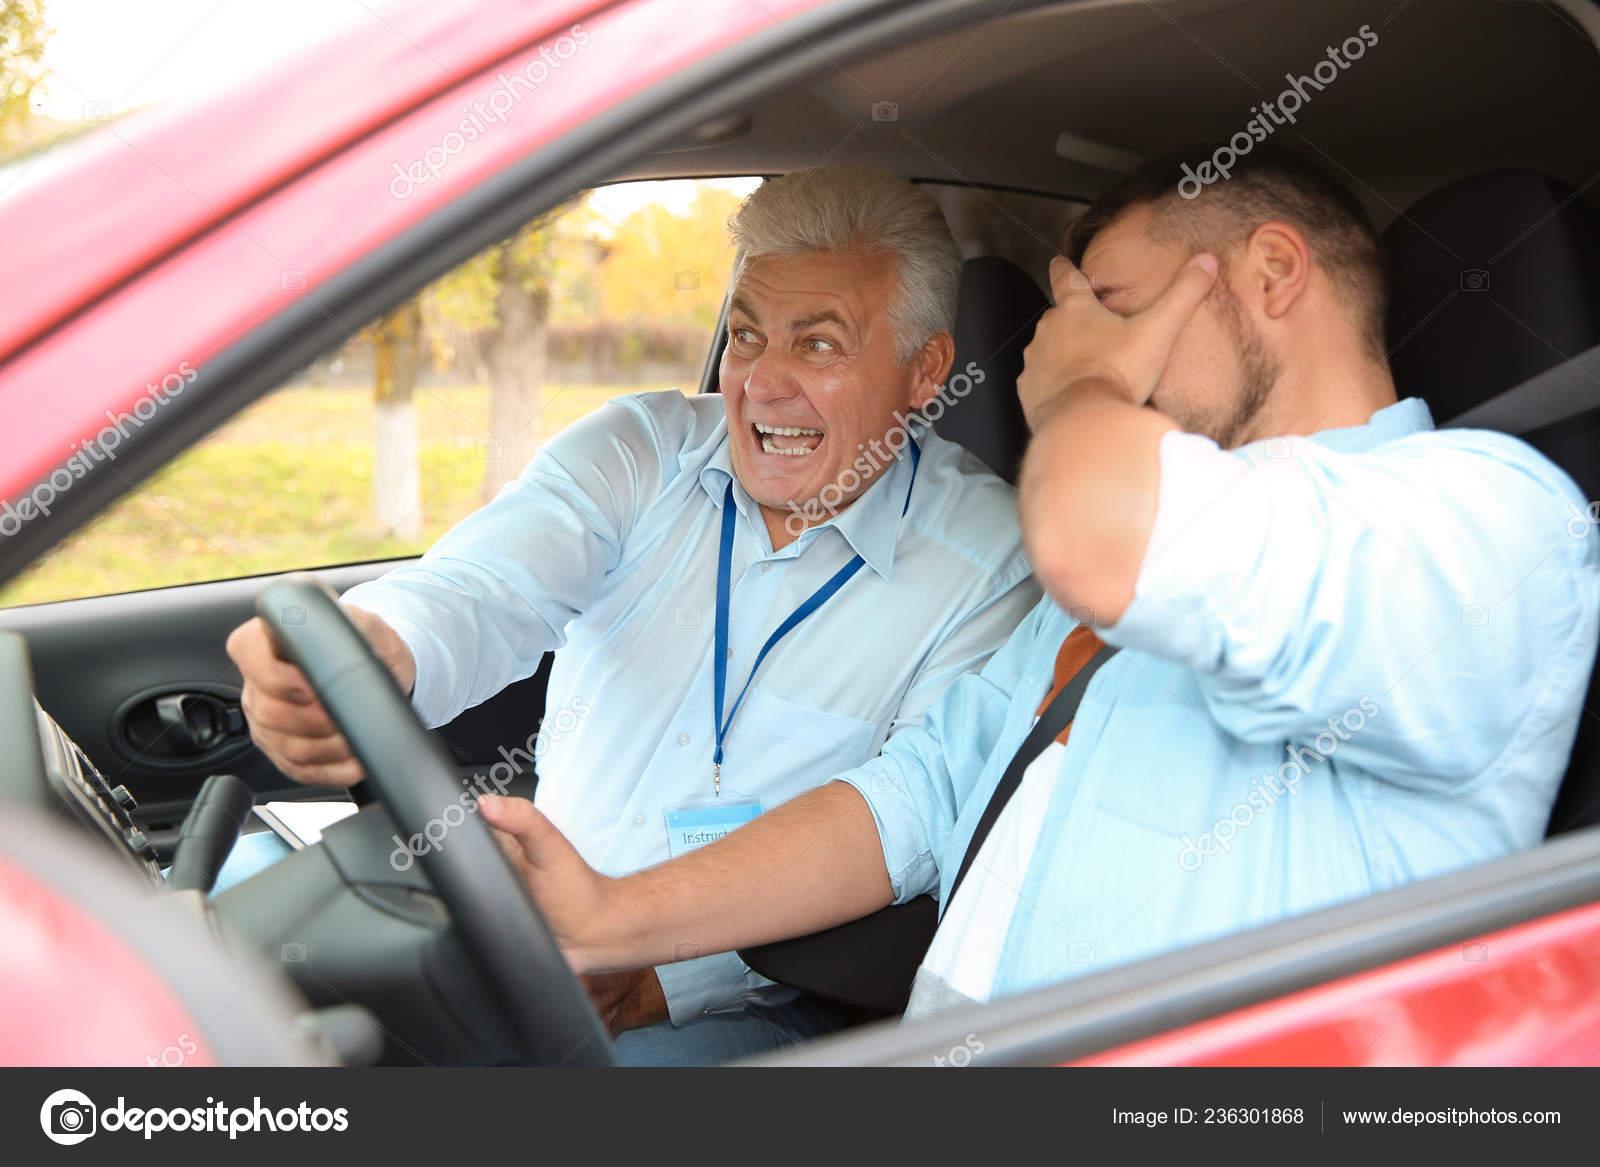 Leerling-chauffeurs kregen te horen dat ze op sociale media moesten oppassen voor nep-autoverzekeringen, aangezien een golf van nieuwe automobilisten de weg op zal gaan nadat de pandemie de tests heeft vertraagd